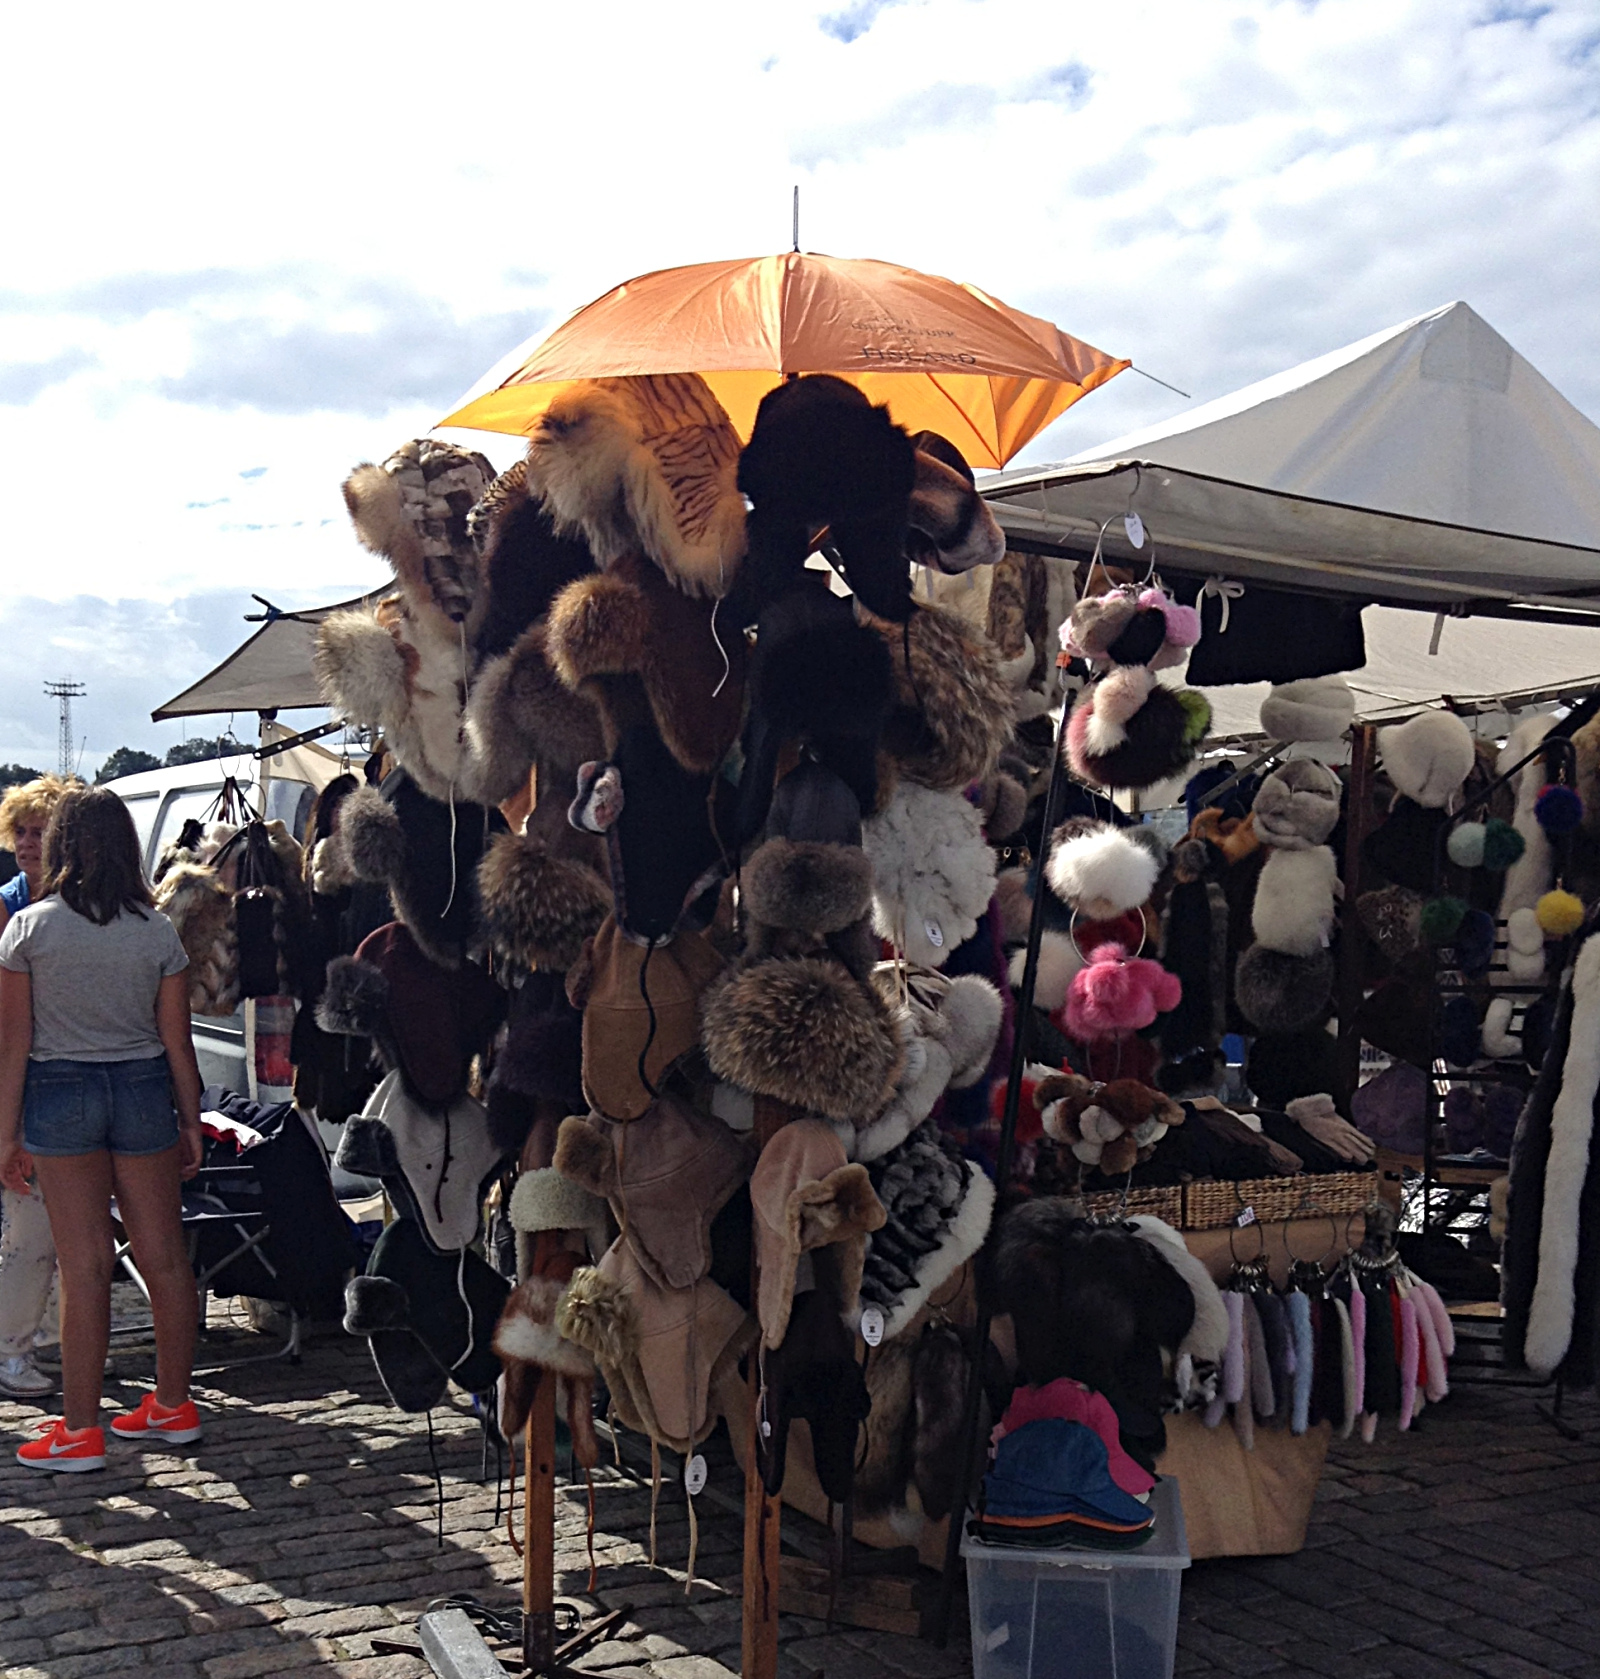 Helsinki Market Square Fur Clothing